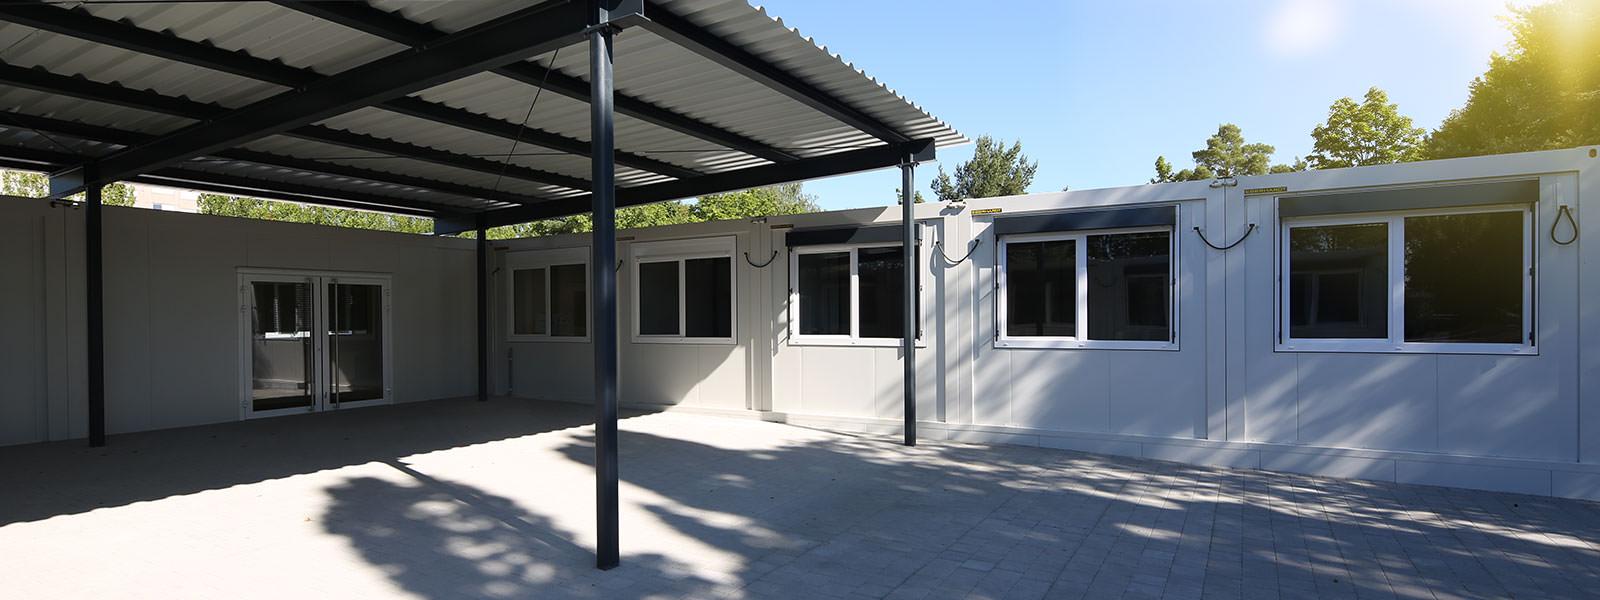 Neue Klassenzimmer in Systembauweise